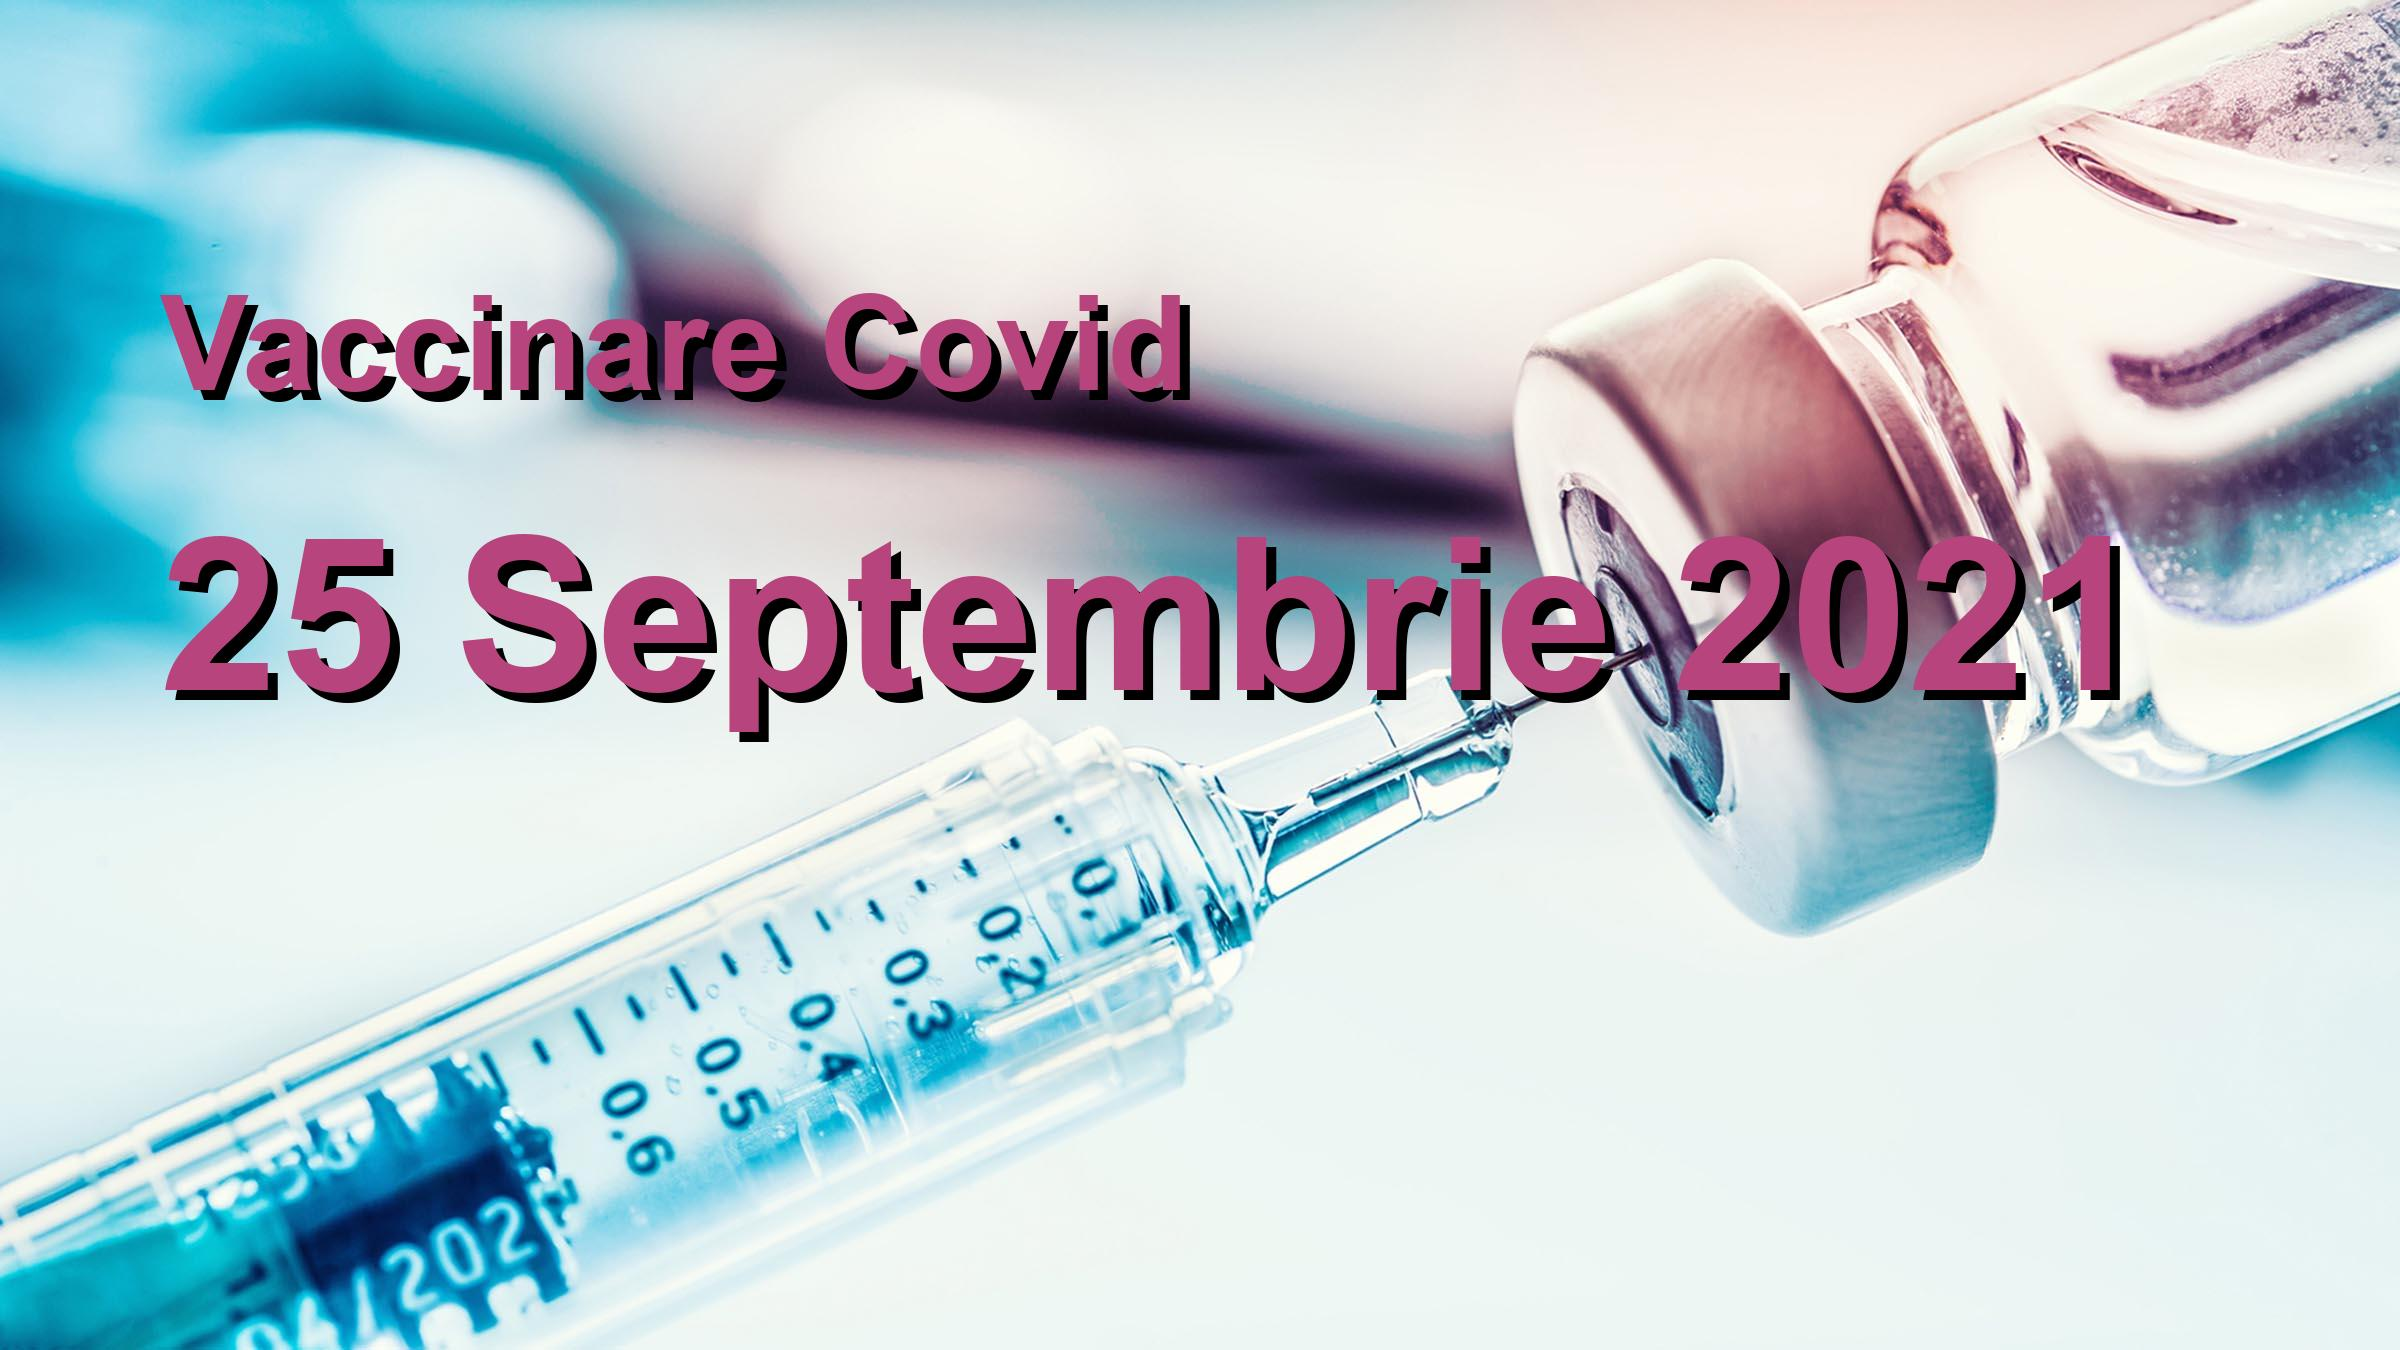 Campanie vaccinare Covid-19 pentru 25 Septembrie 2021: 16734 persoane vaccinate. | Vaccin Covid-19 Romania